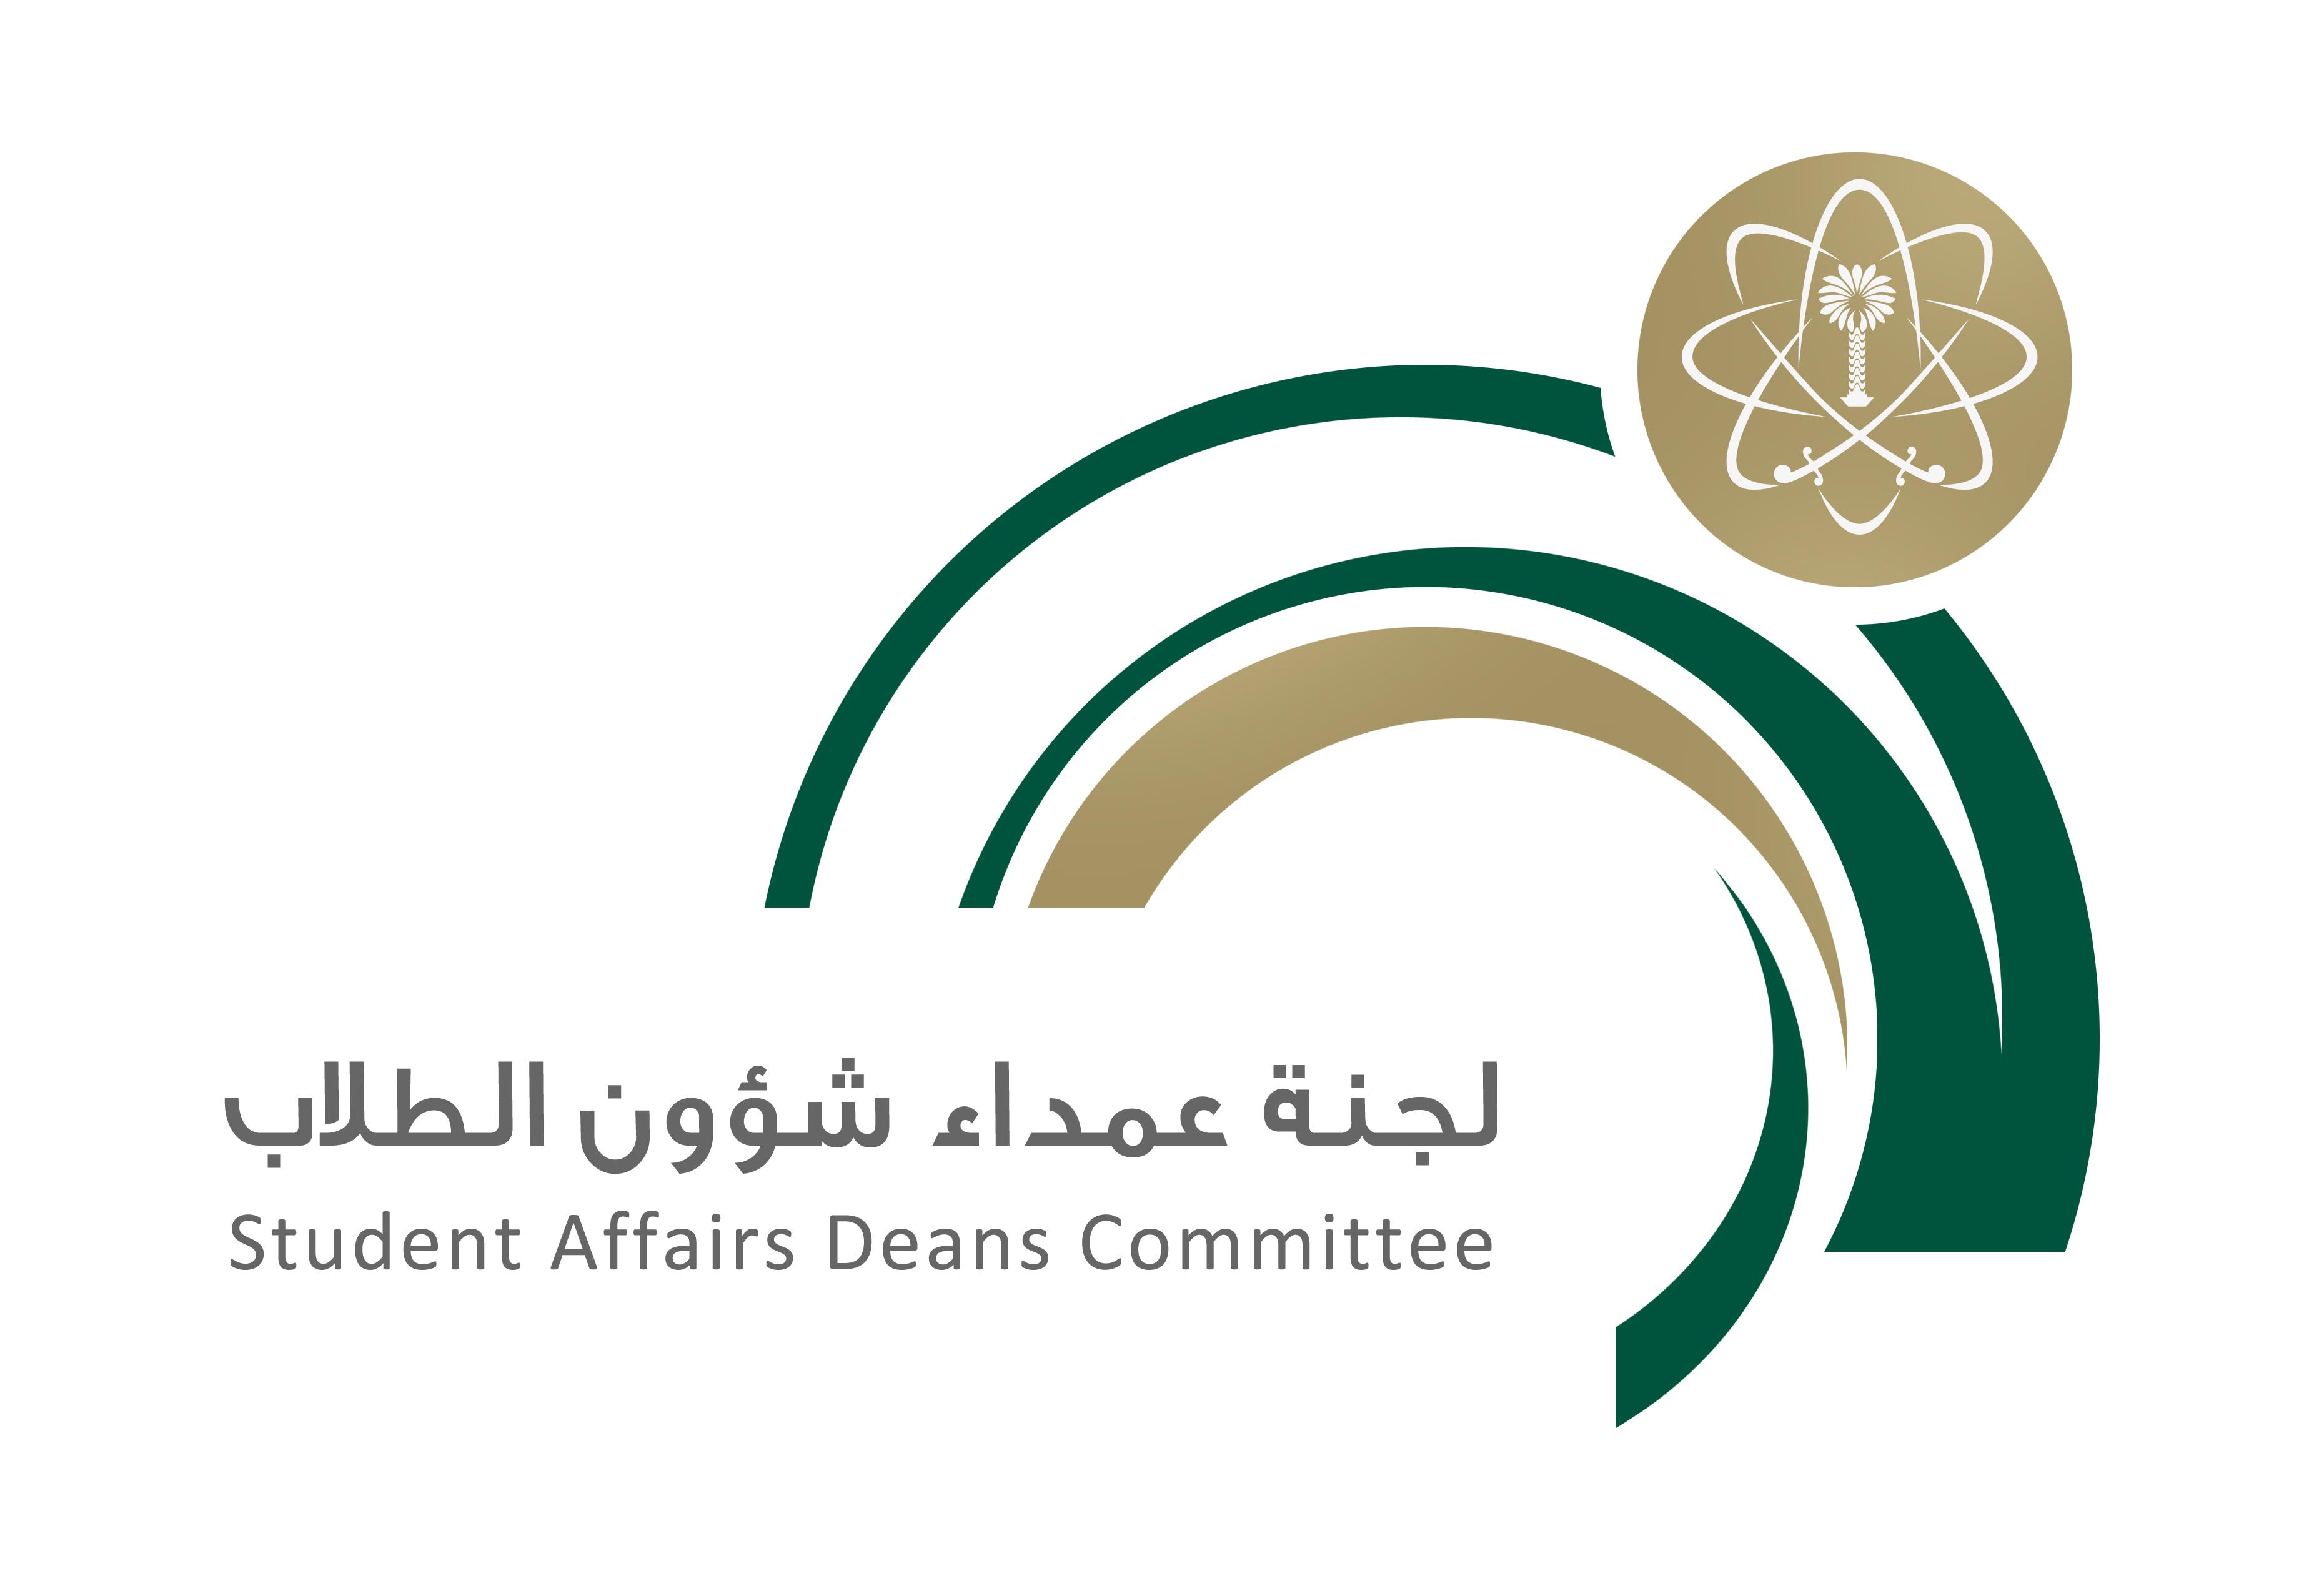 لجنة عمداء شؤون الطلاب بجامعات المملكة